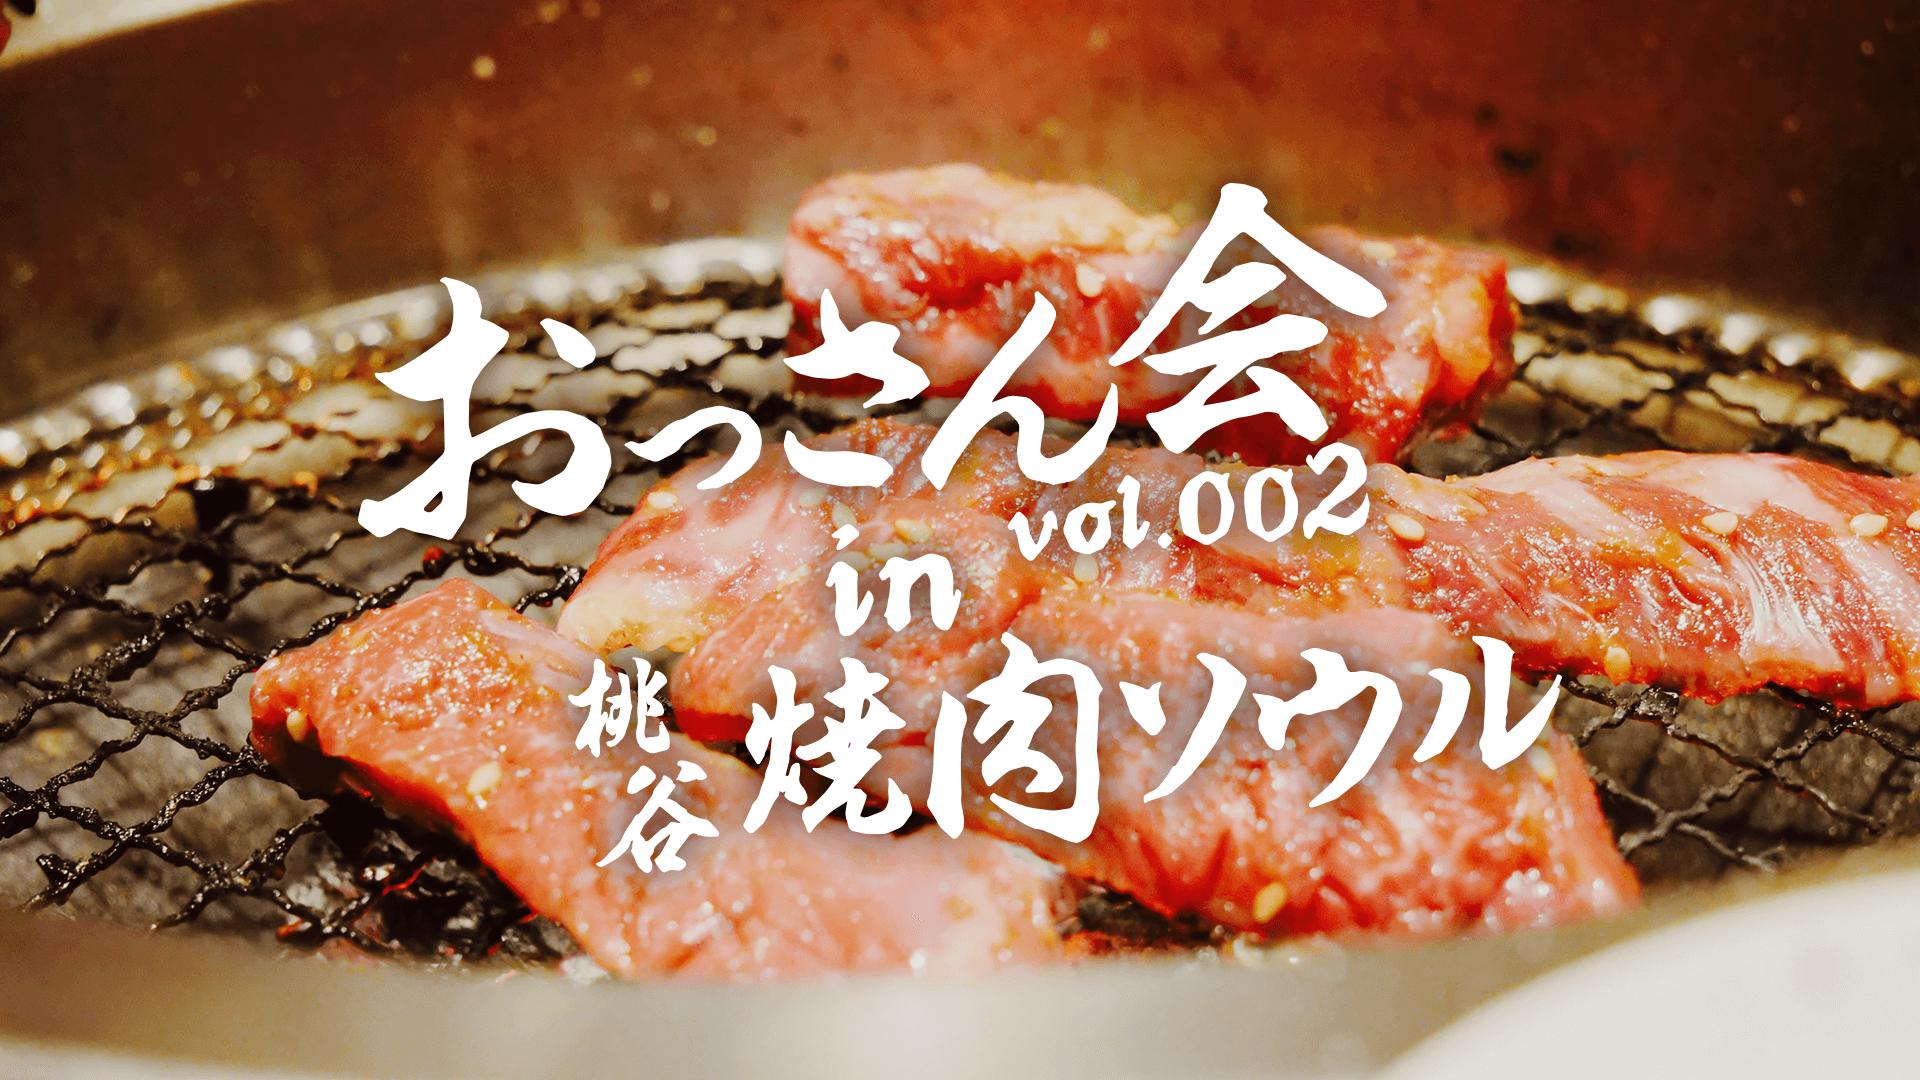 2018.07.26. 第二回おっさん会 大阪・桃谷の焼肉店「焼肉ソウル」